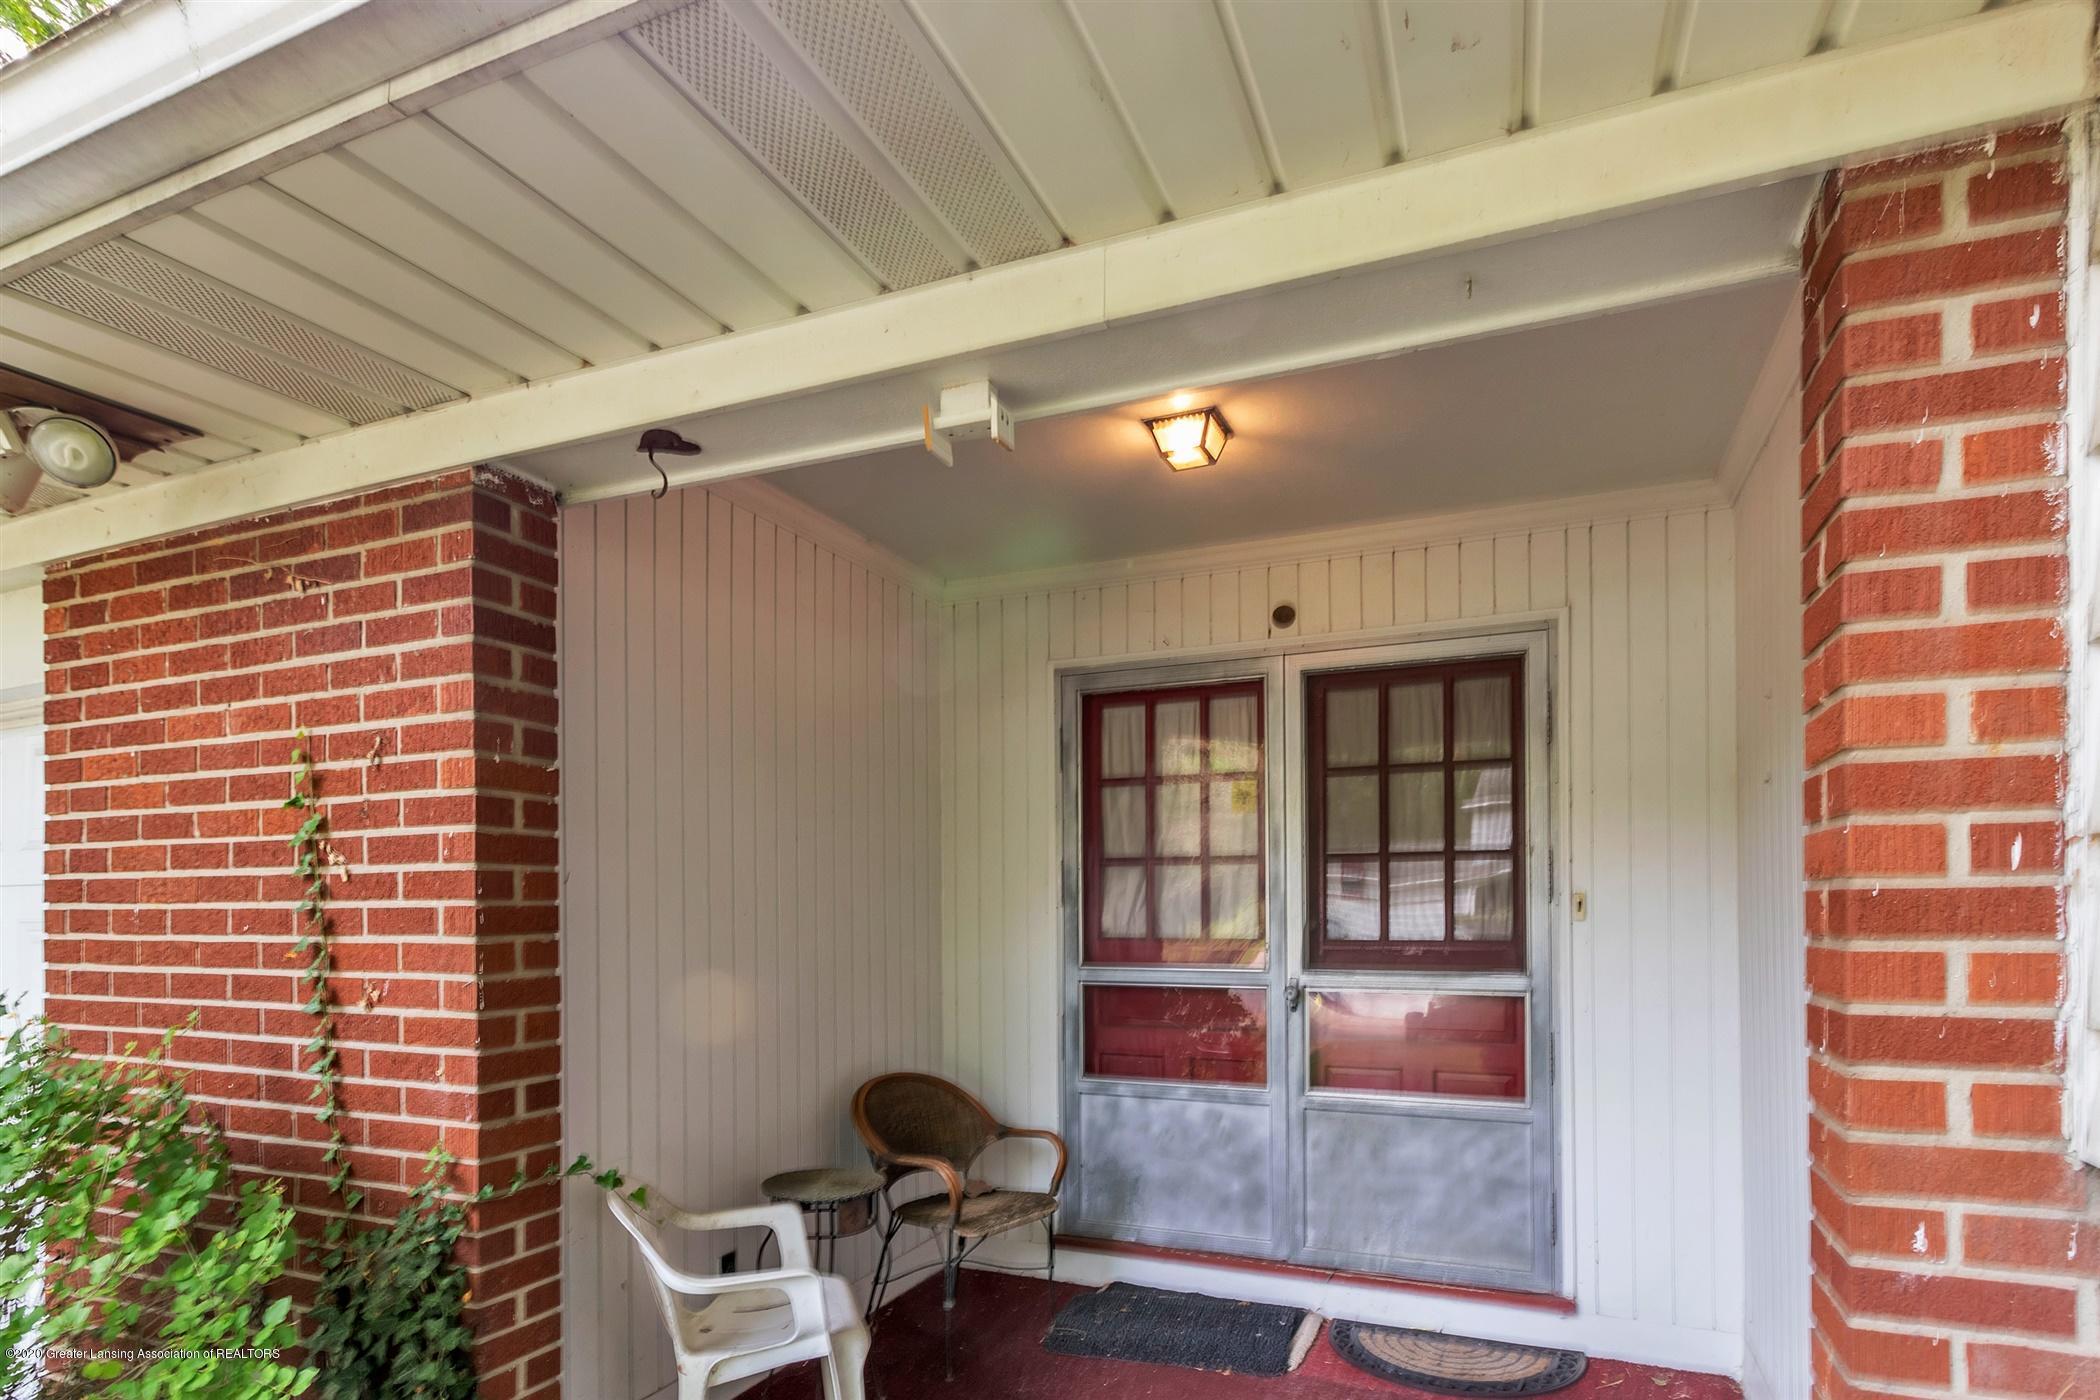 6246 Norburn Way - 05-6246 Norburn-WindowStill-Real-Es - 5